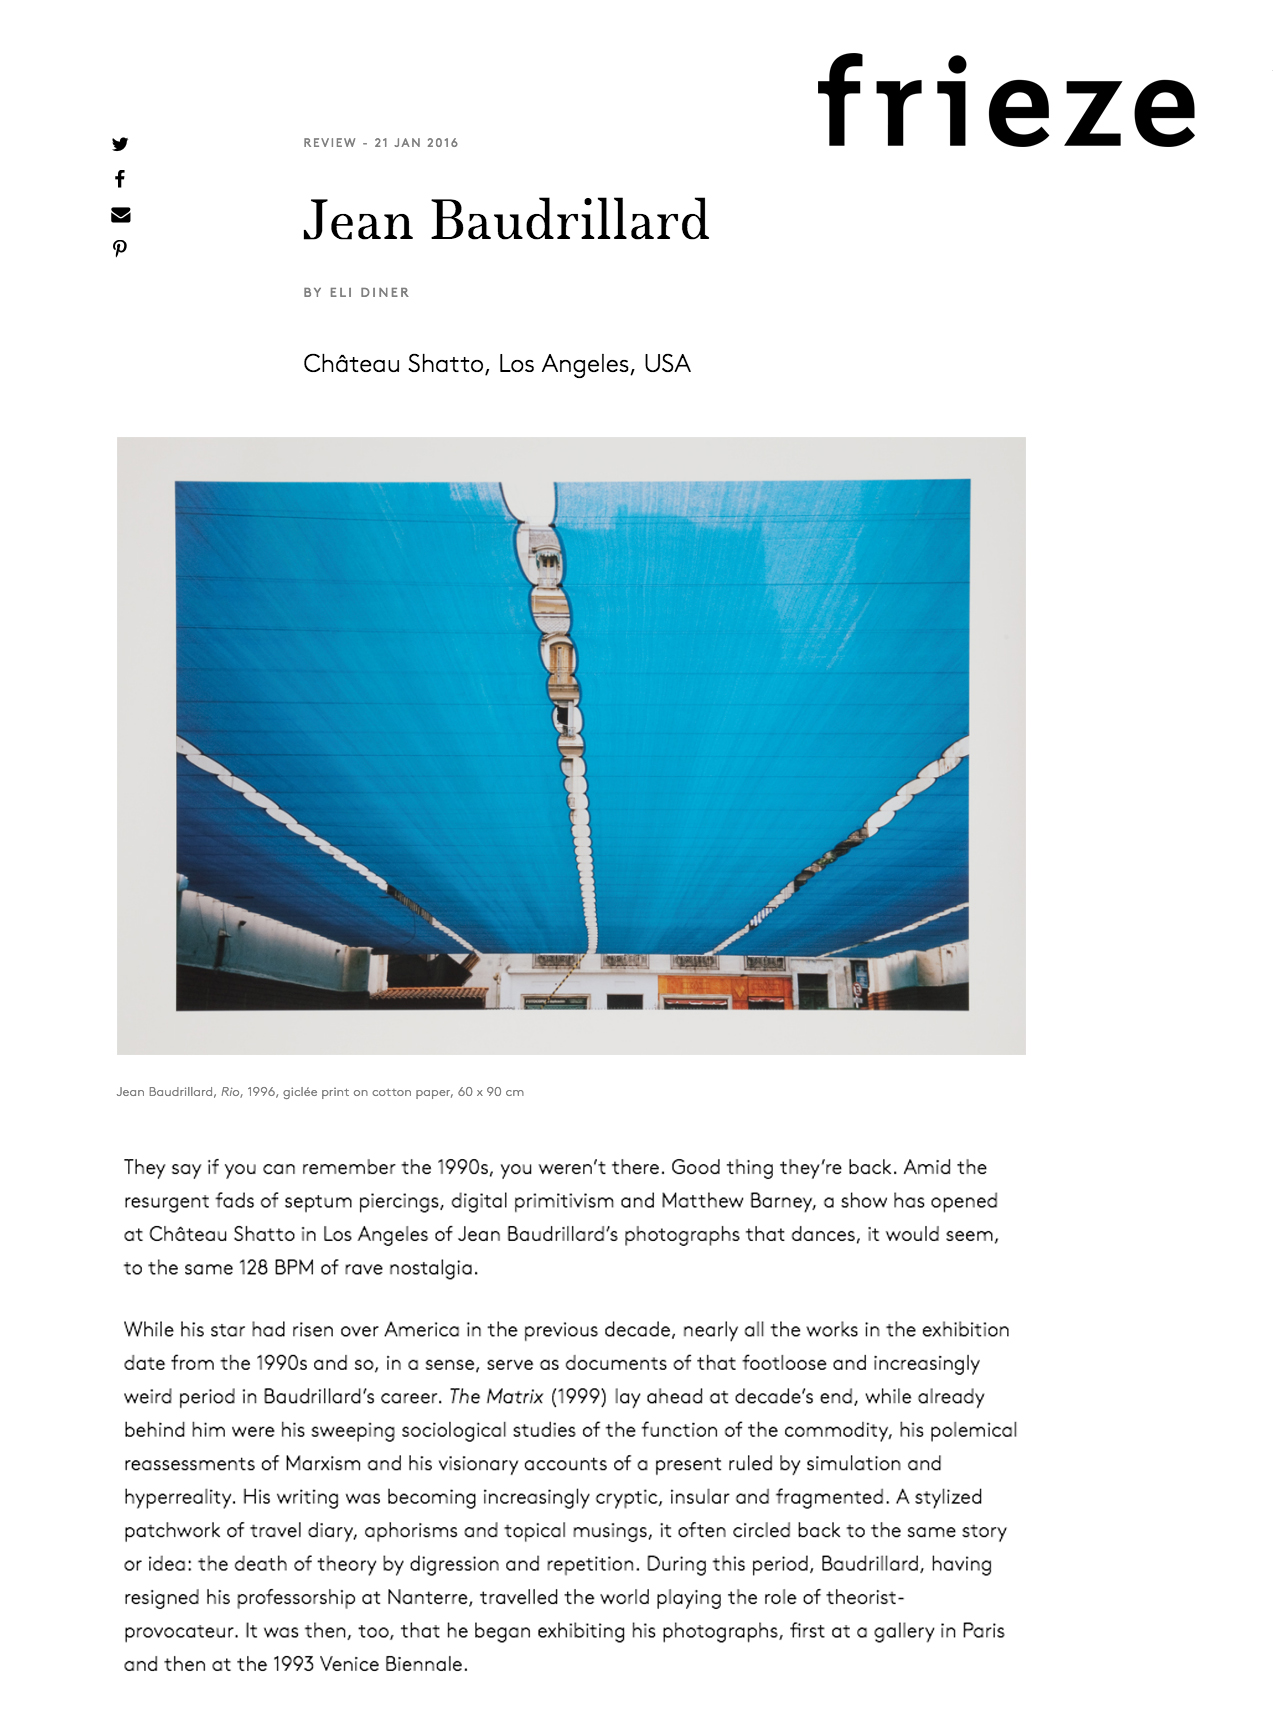 jean baudrillard essay the conspiracy of art The conspiracy of art has 468 ratings and 20 reviews burak said: baudrillard'a göre modern sanat, satılarak metaya dönüştürülmeye başladığından bu yana.